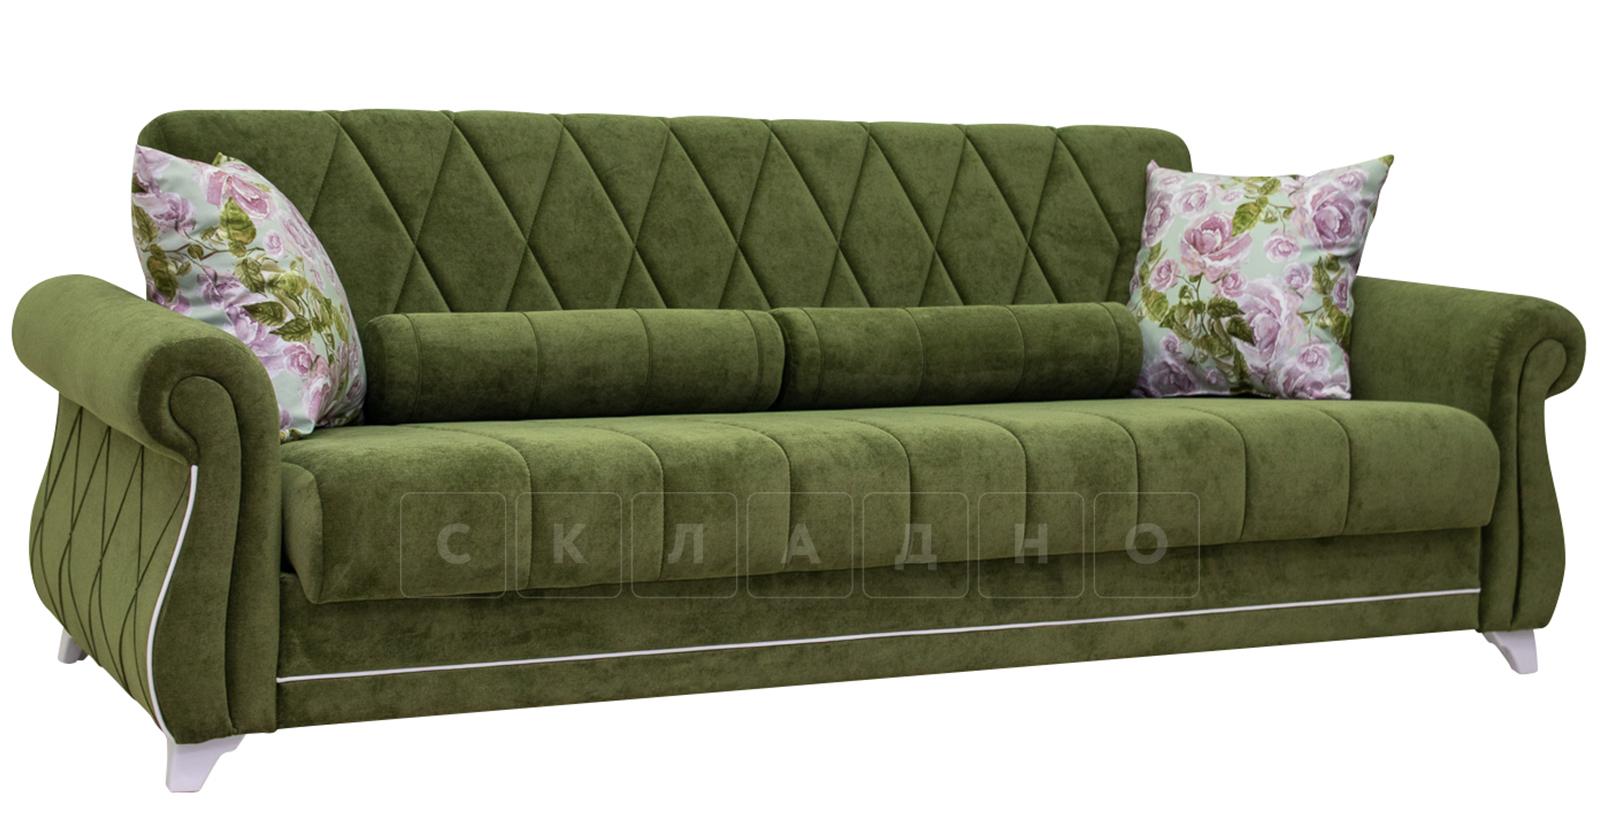 Диван-кровать Роза оливковый фото 1 | интернет-магазин Складно